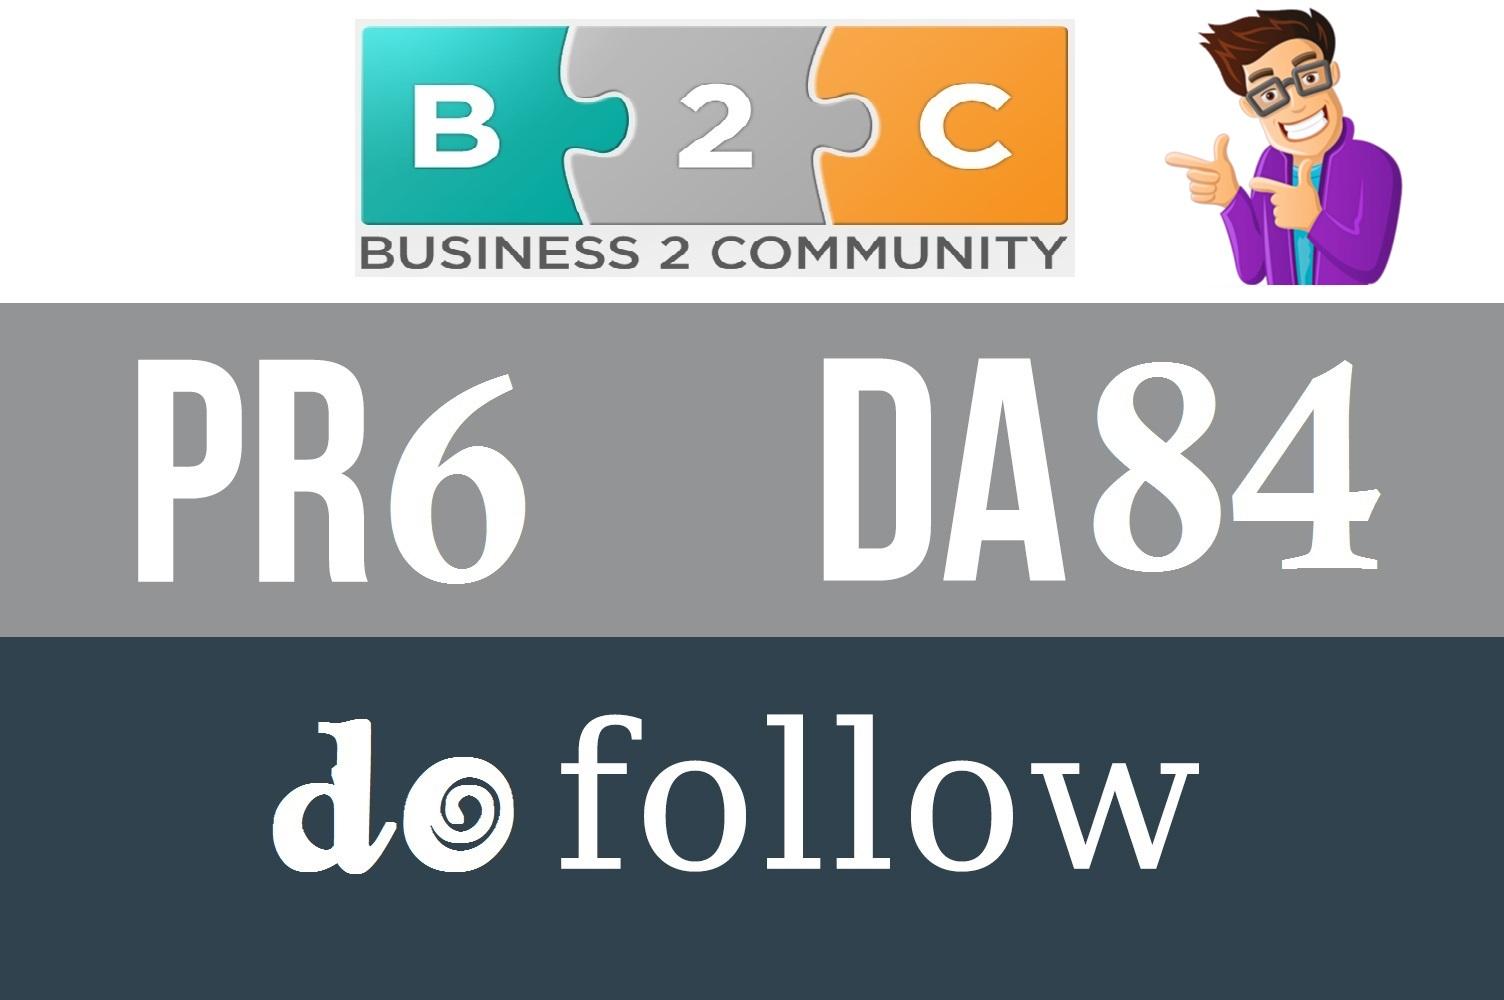 Publish guest post on Business2community. com